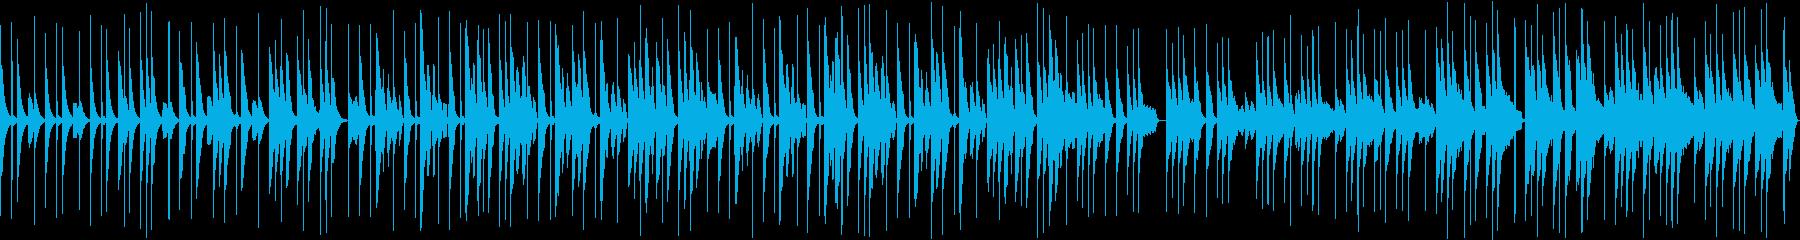 そのままループ可能な日常系雑談BGM2の再生済みの波形